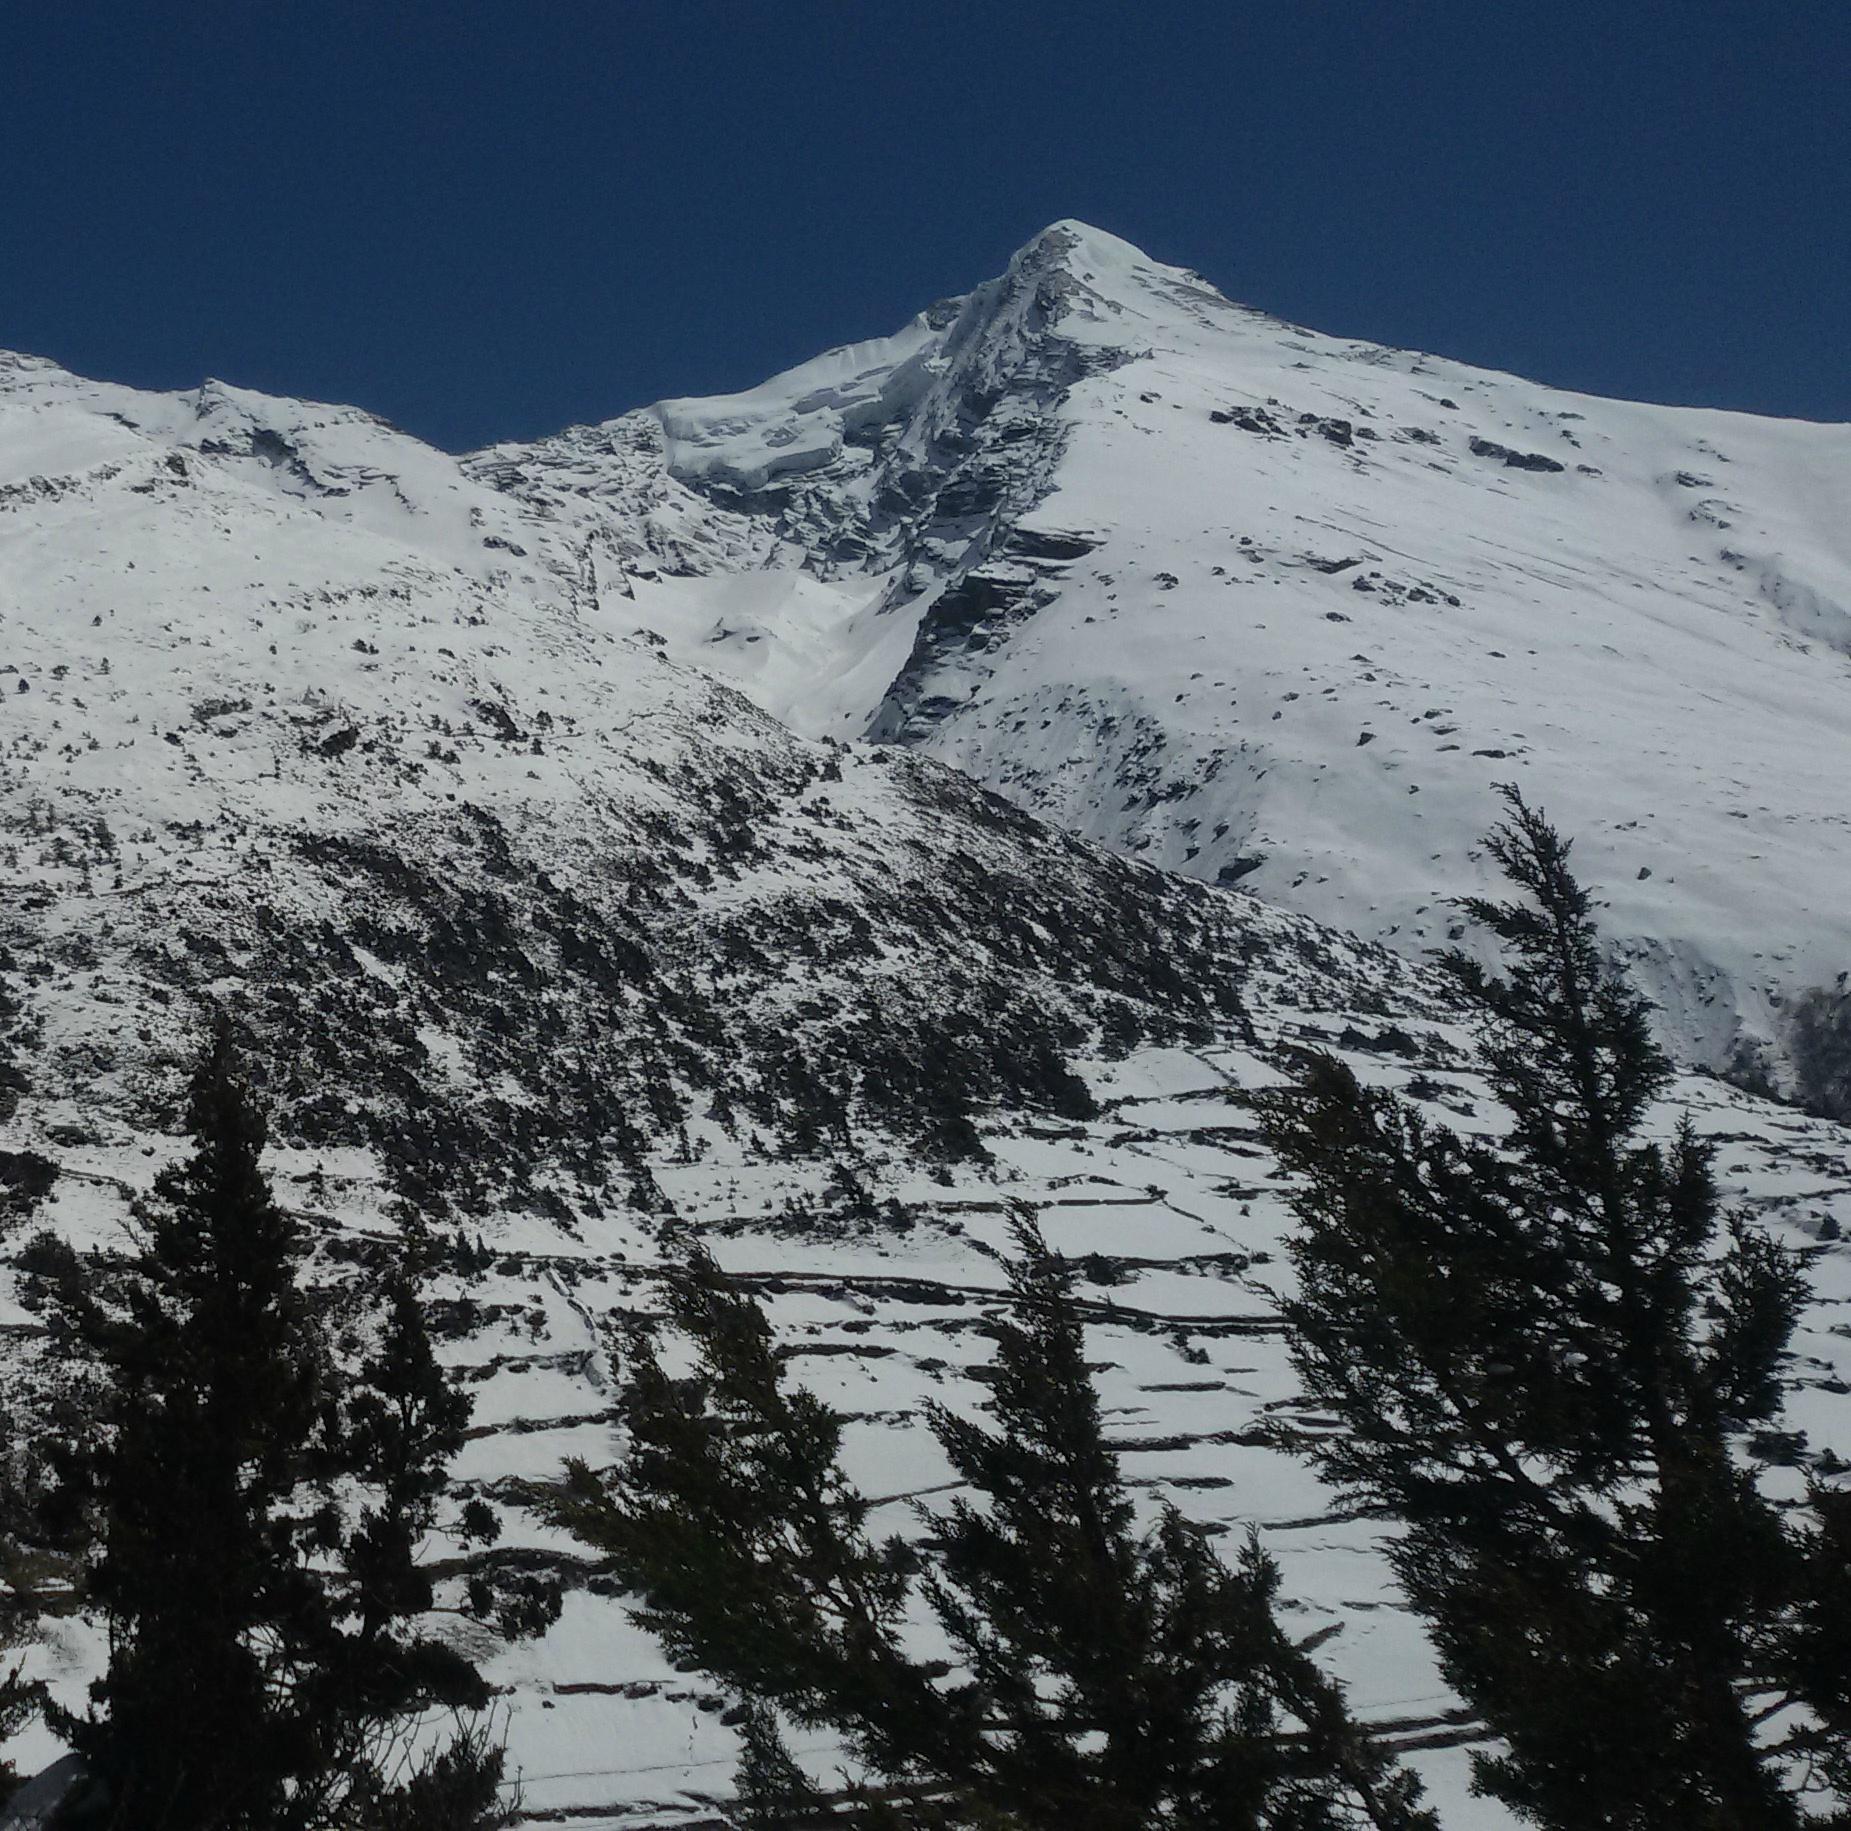 4. Pisang Peak Climbing